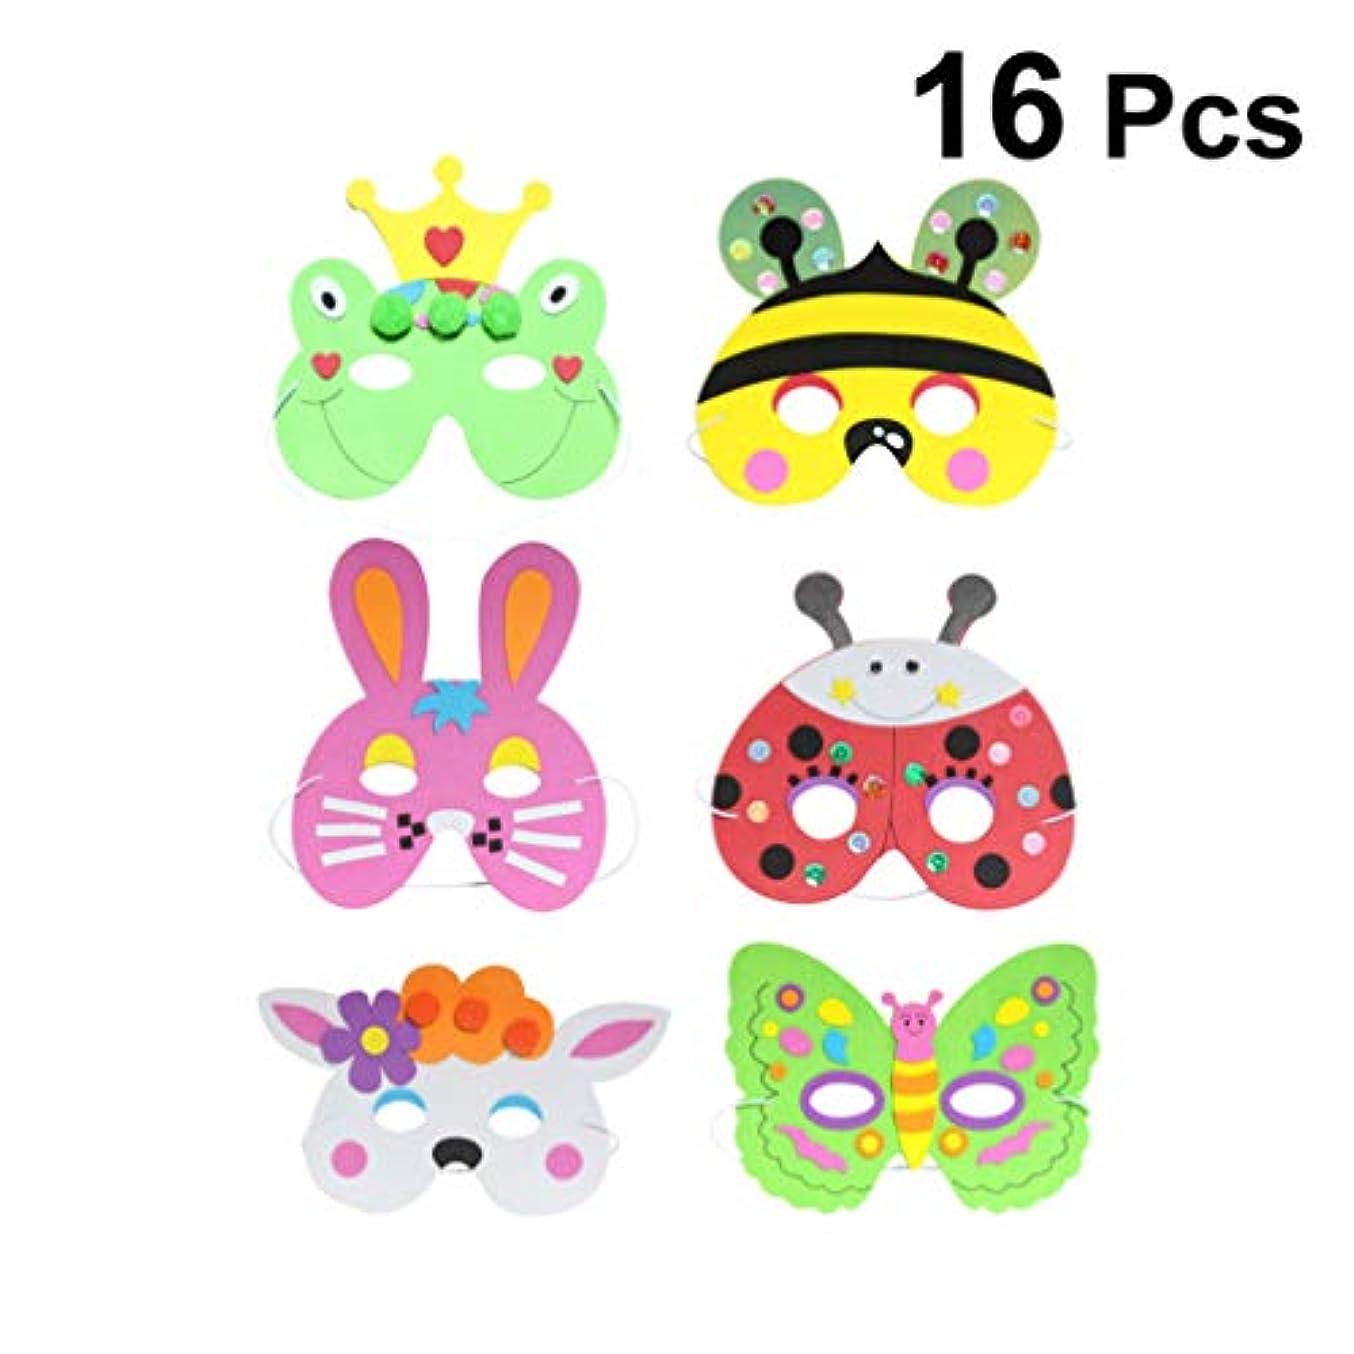 取る目の前の免疫NUOBESTY 子供泡動物マスク用パーティーバッグフィラーマスカレード誕生日パーティークリスマスハロウィン16ピース(ランダムパターン)